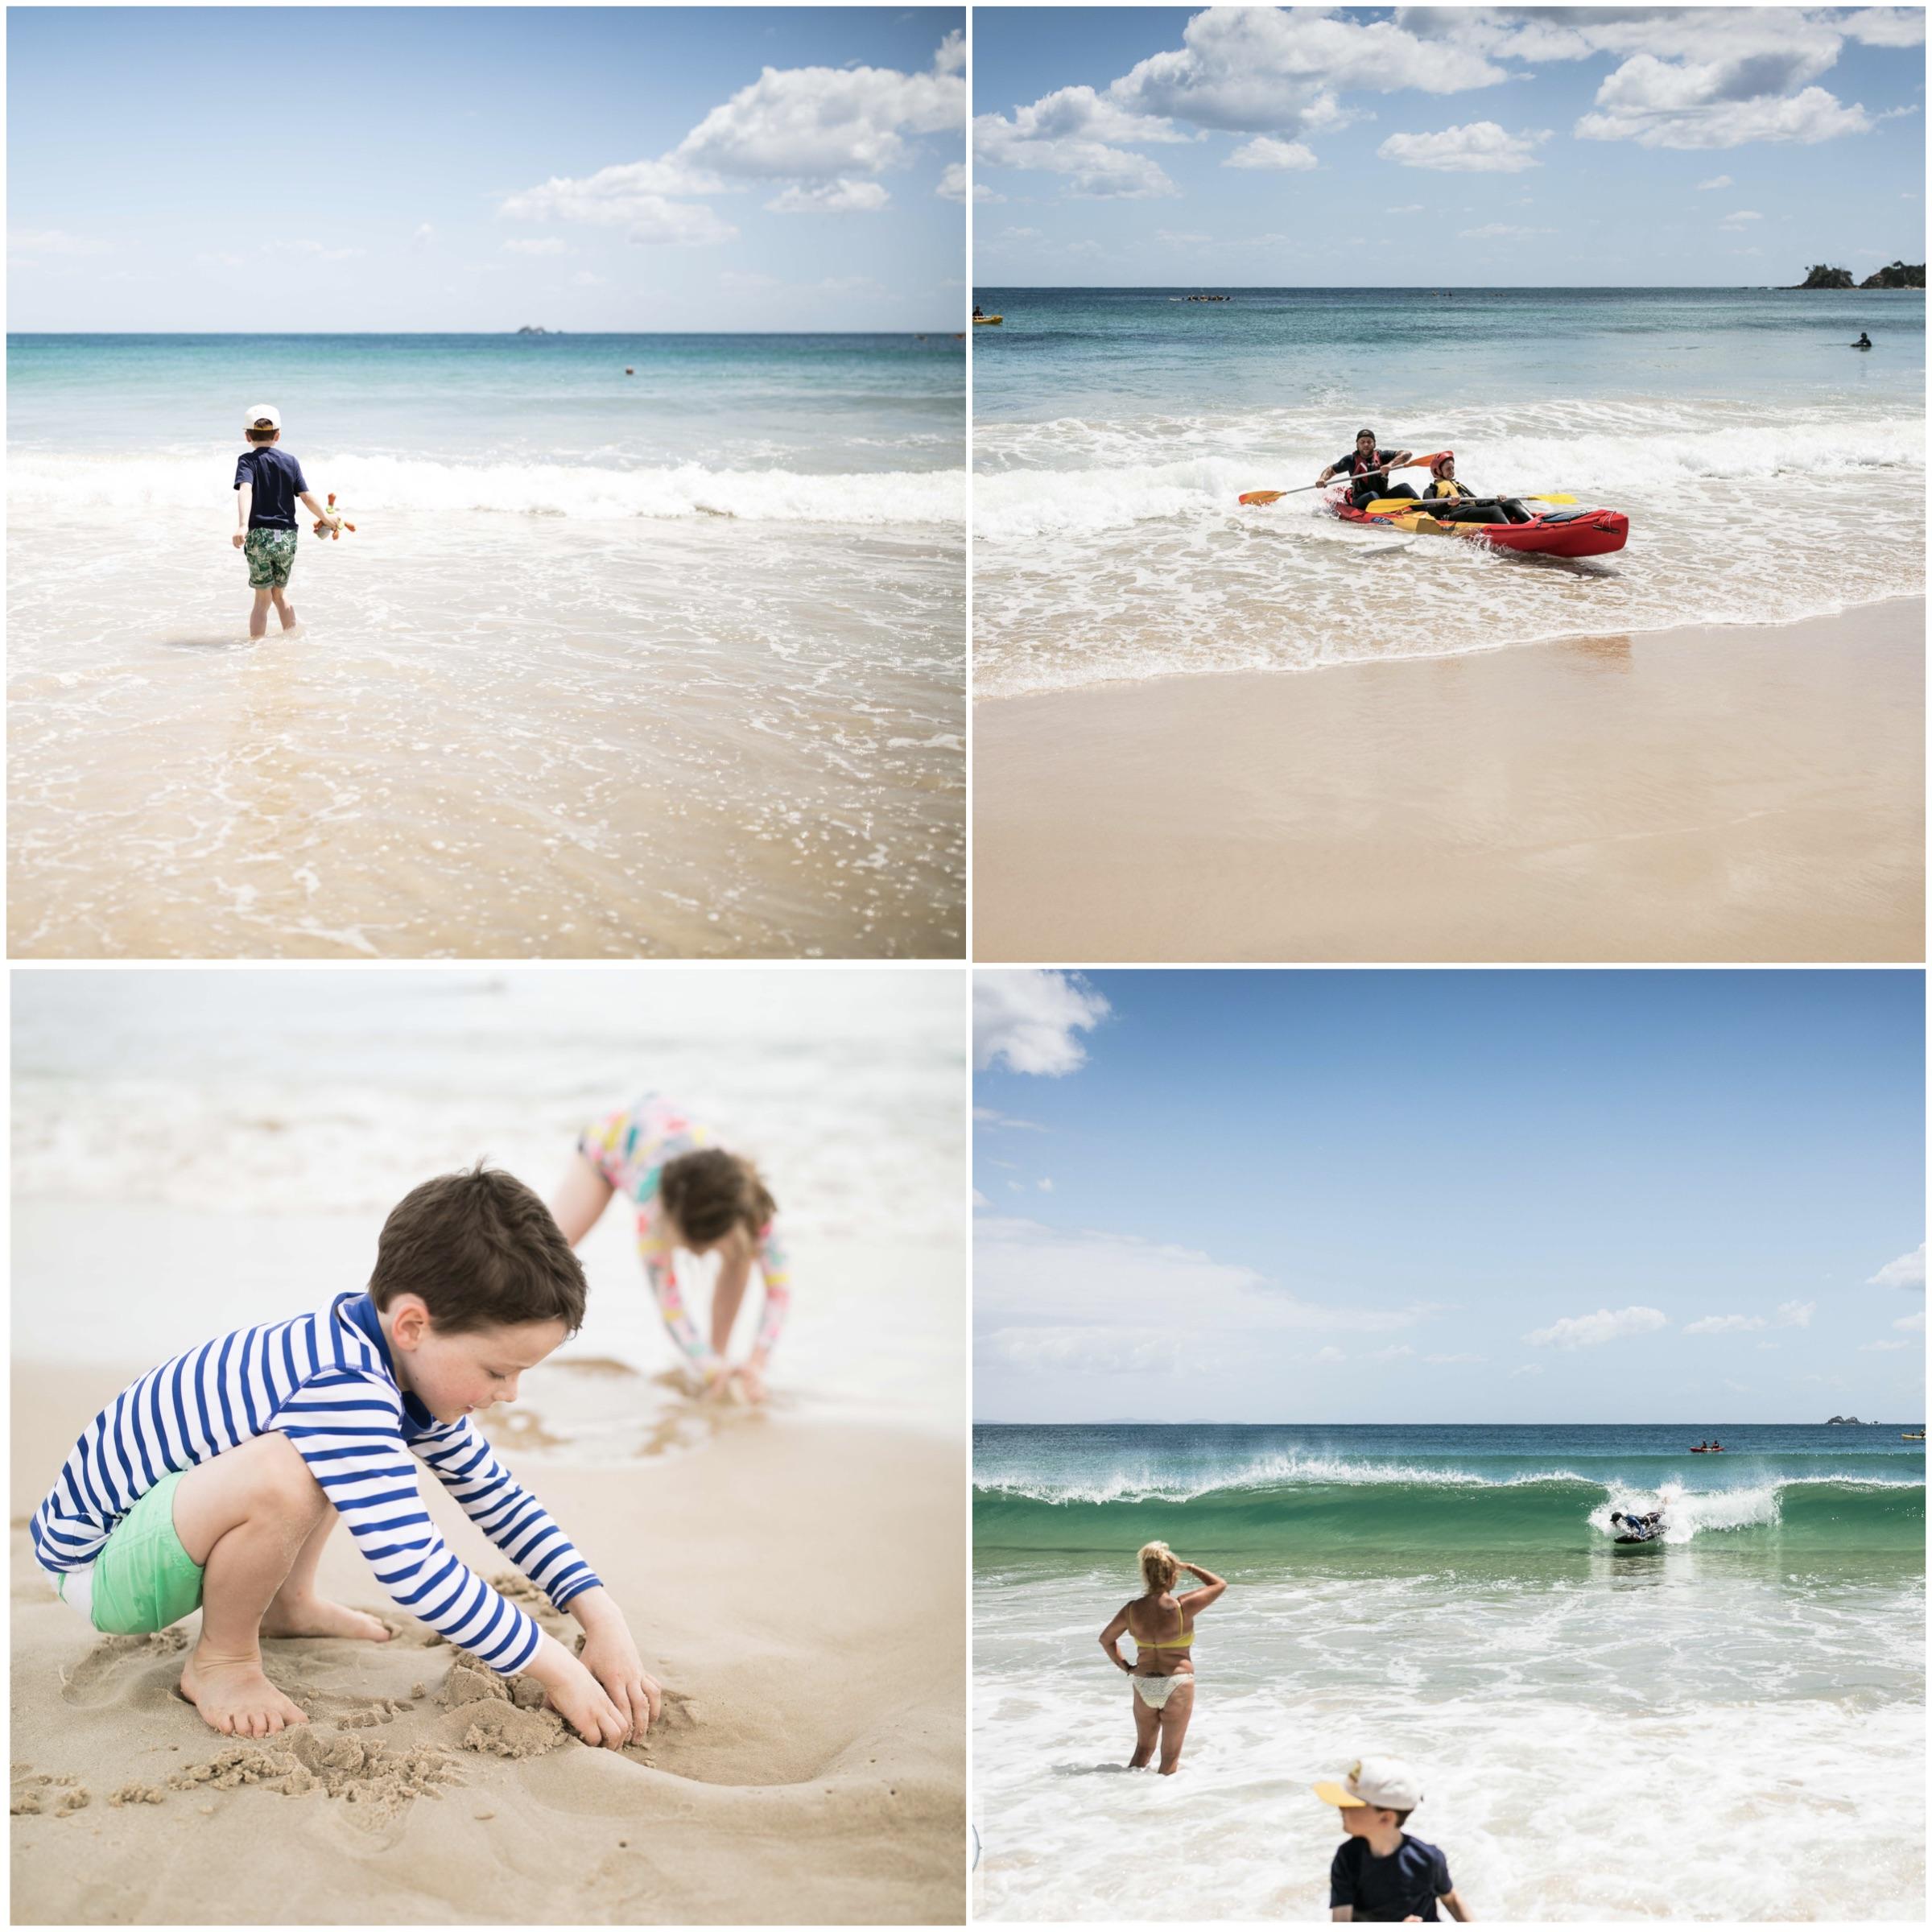 clarkes beach 2.jpg